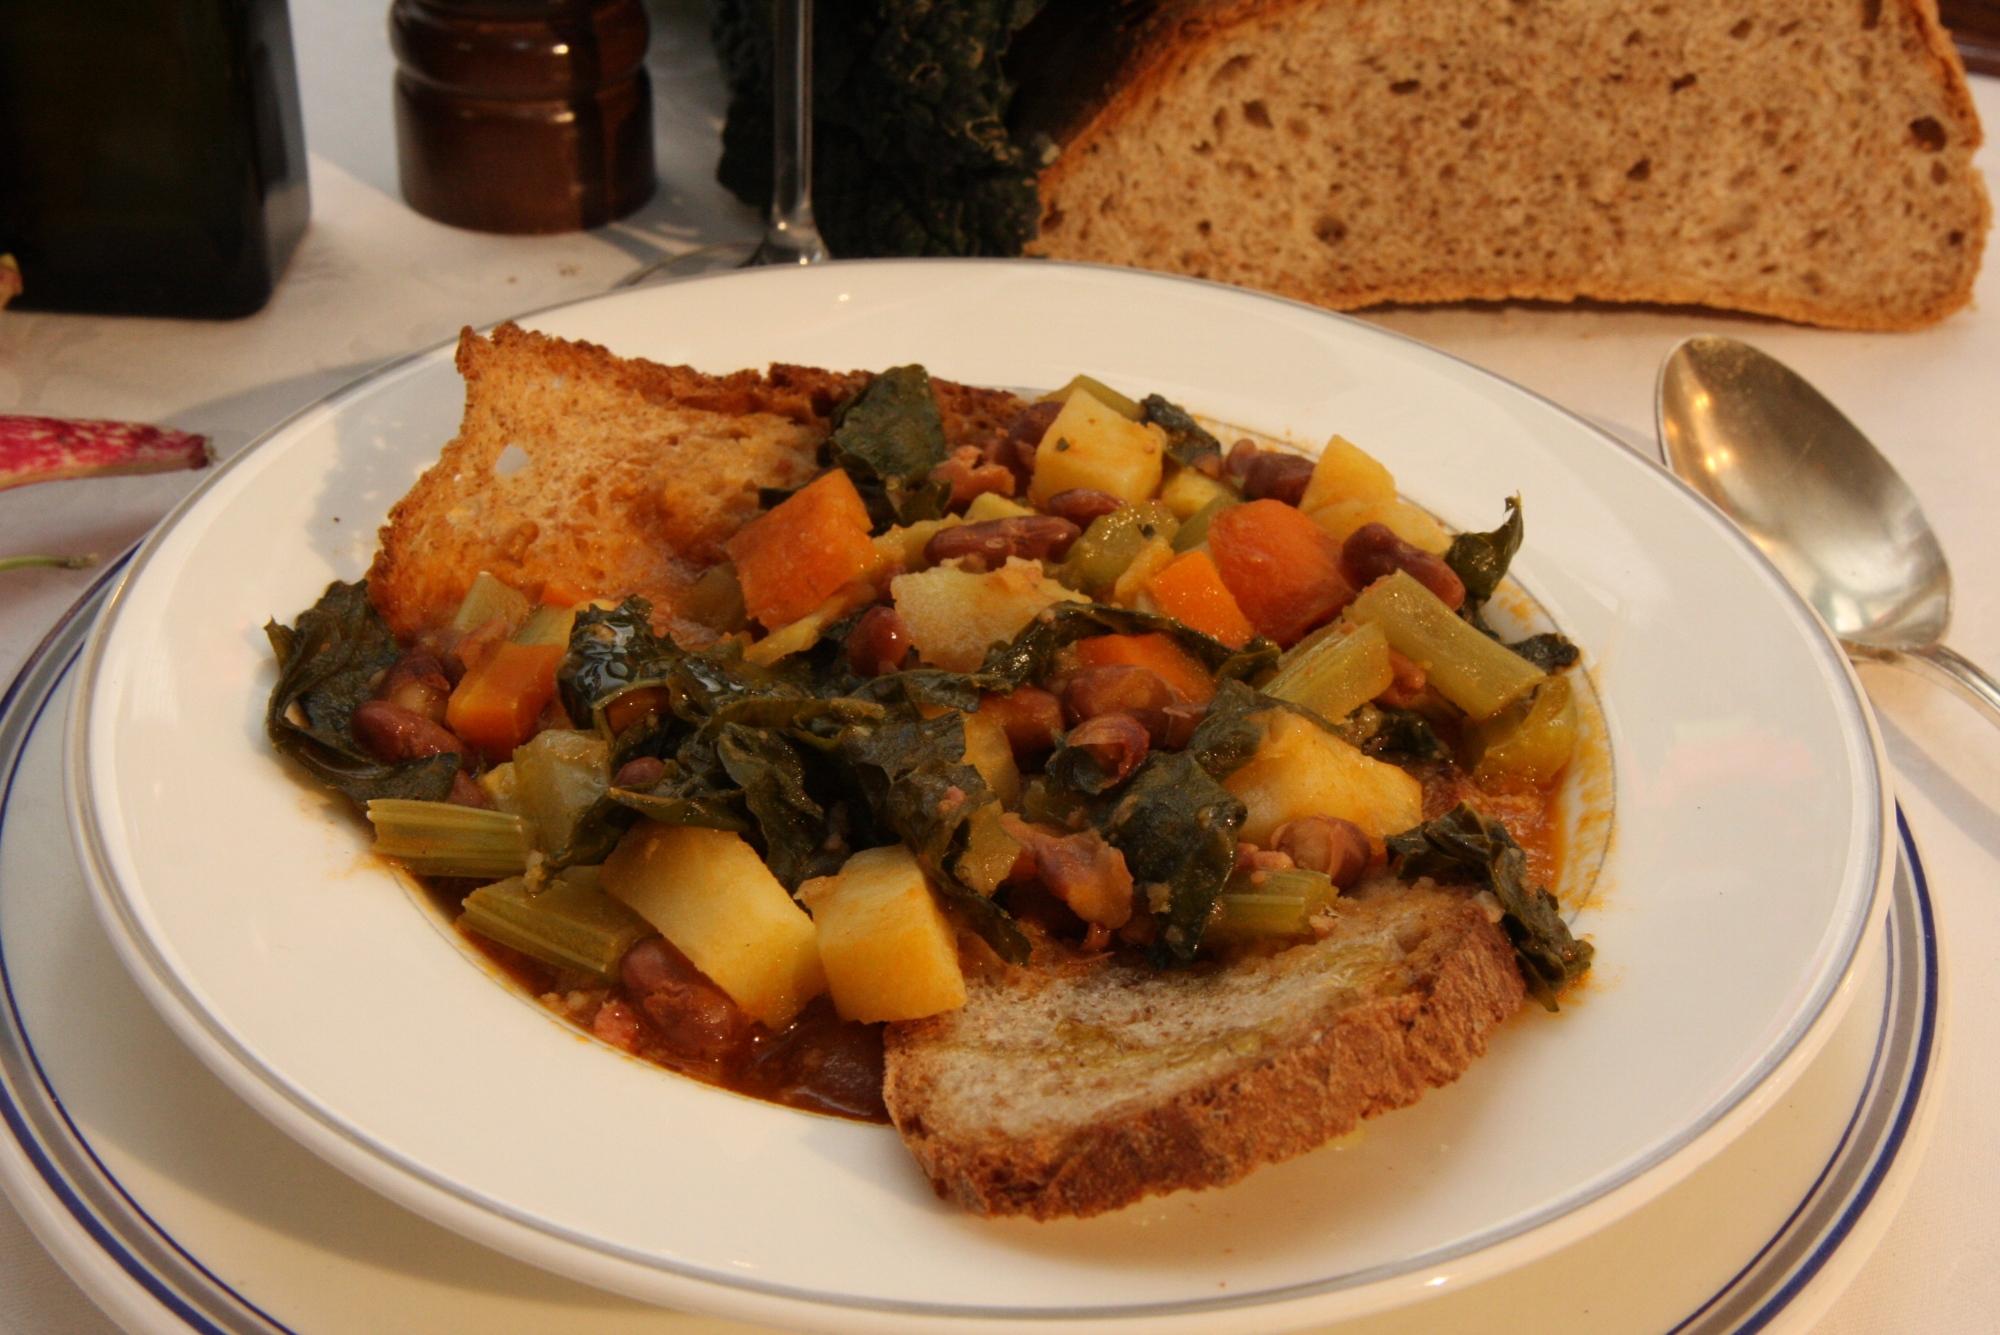 La ricetta della zuppa alla frantoiana | Visit Tuscany